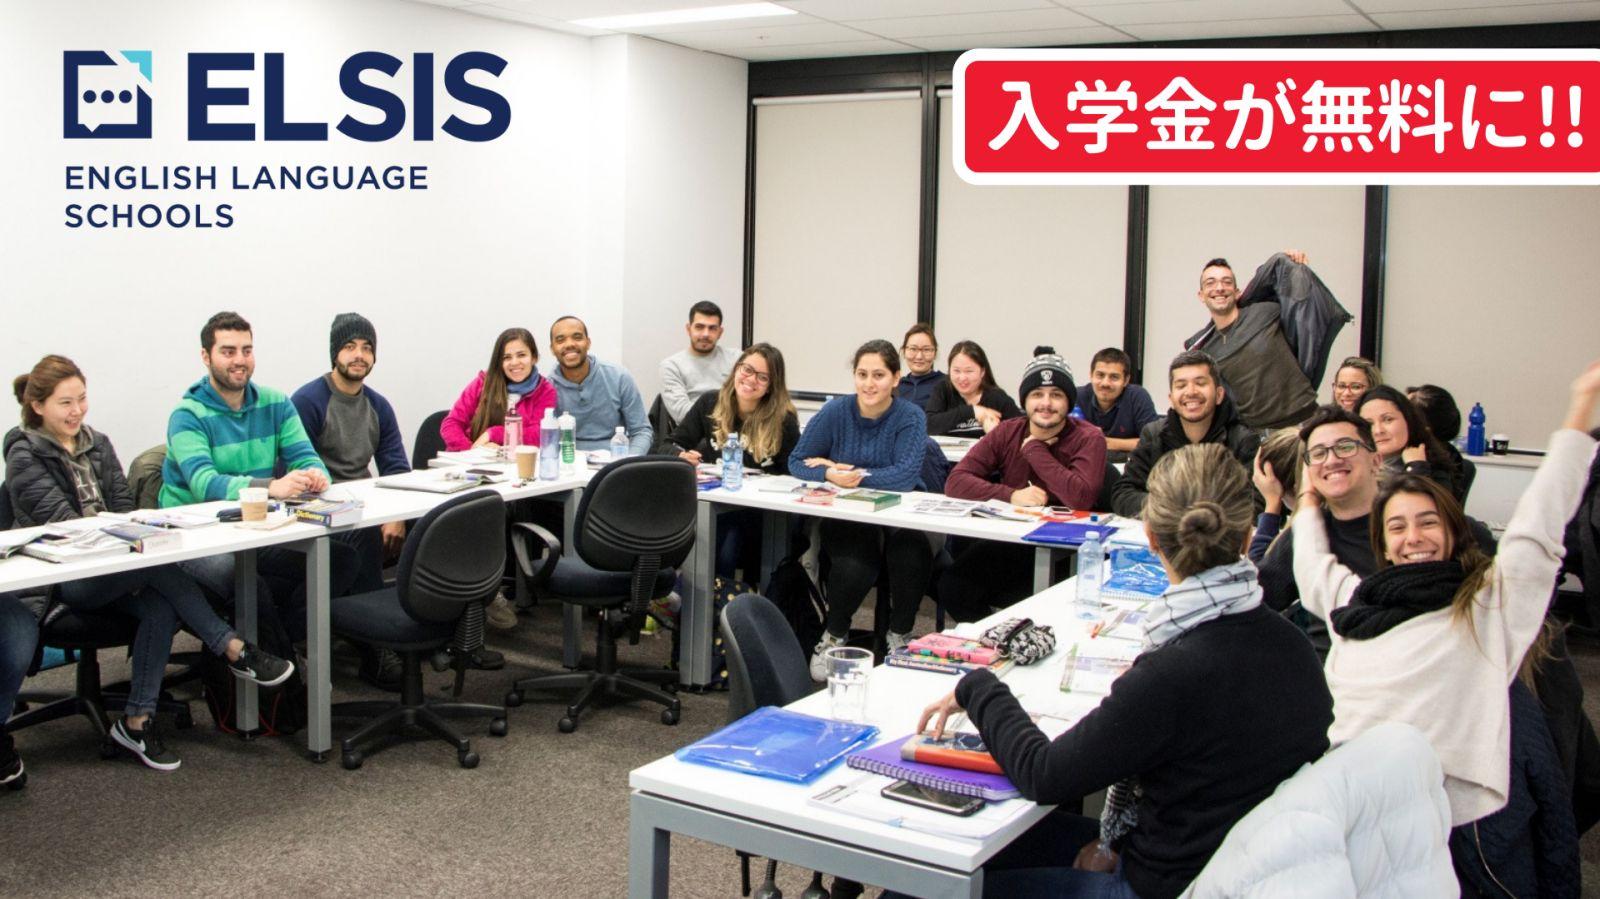 ELSIS入学金無料キャンペーン